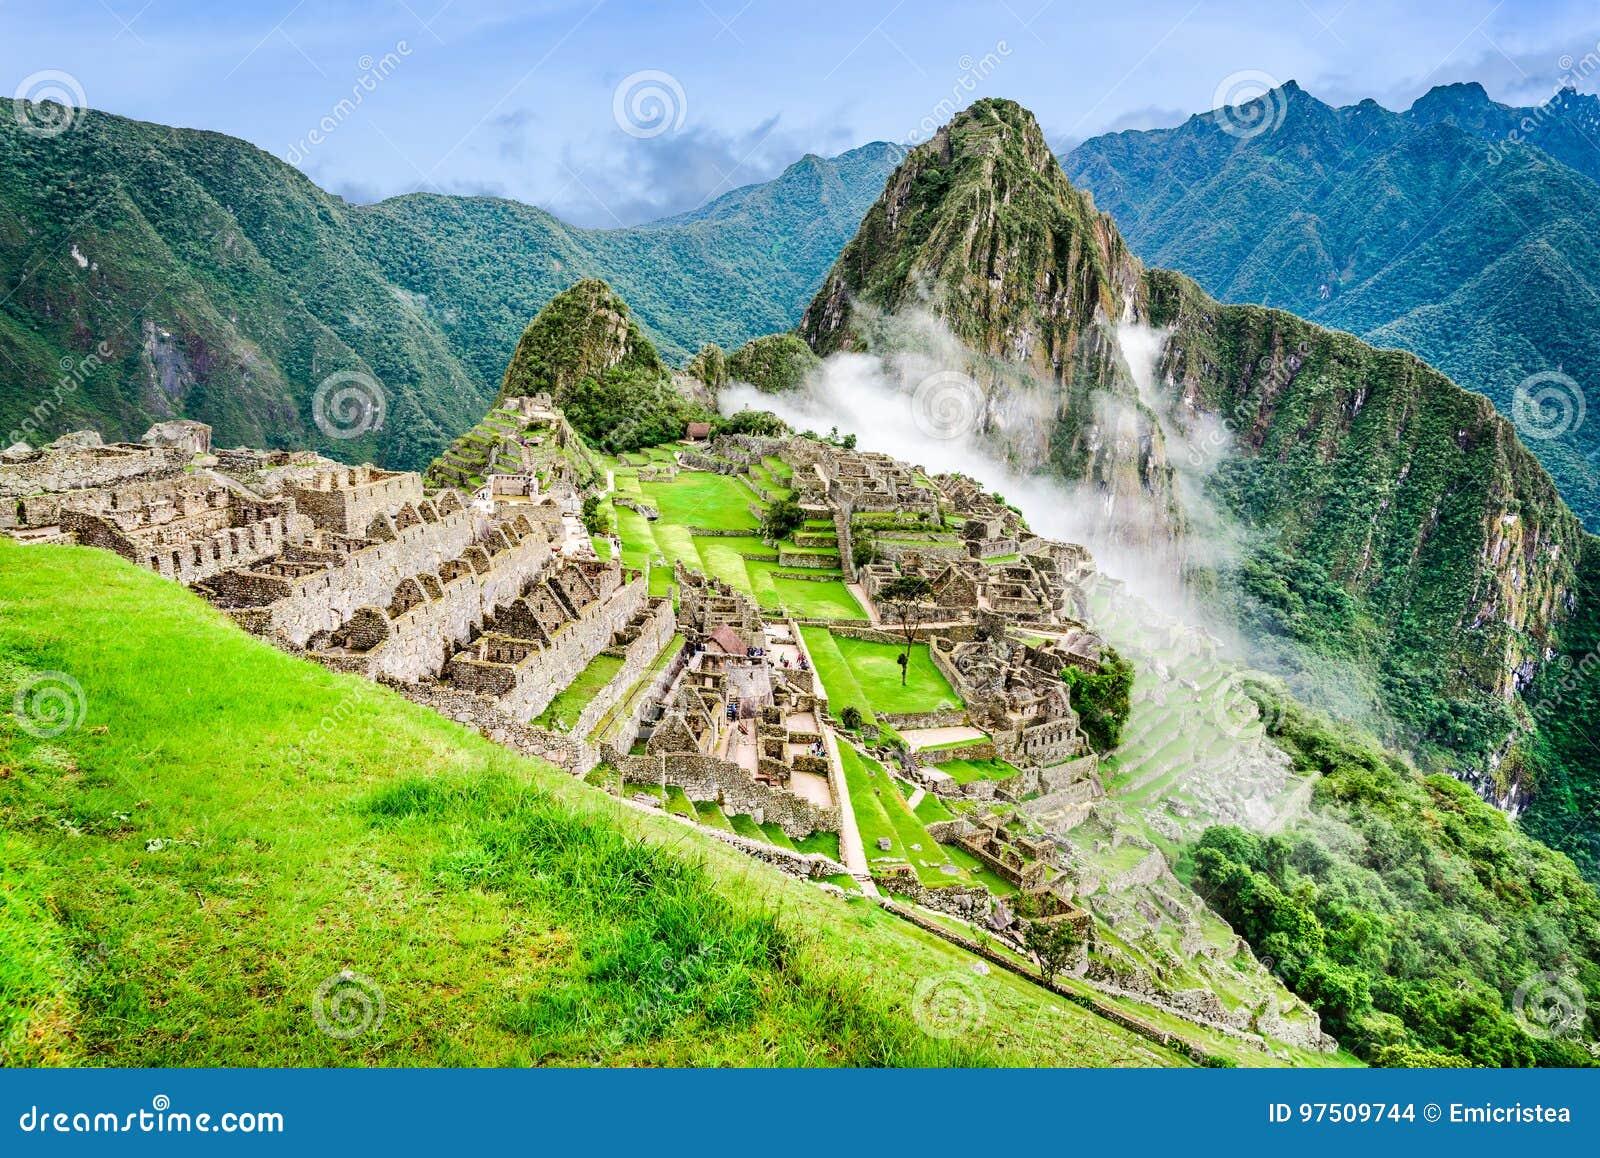 PICCHU DE MACHU, CUSCO, PERU